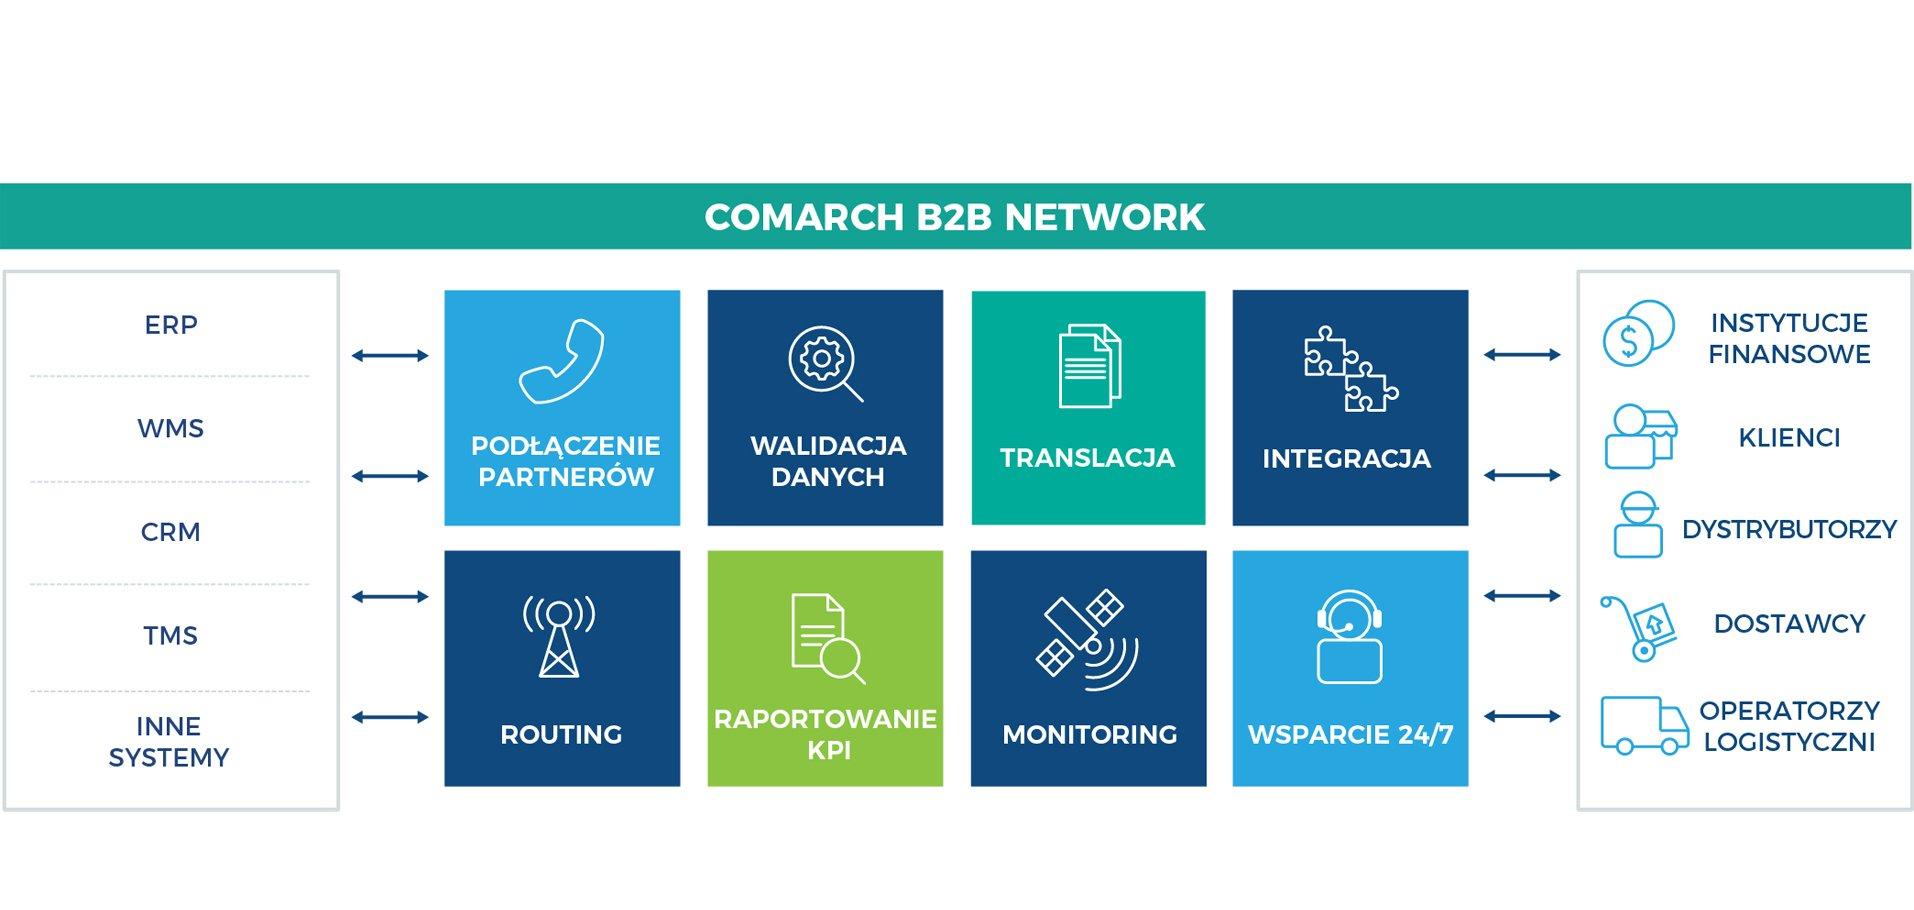 Znalezione obrazy dla zapytania comarch b2b